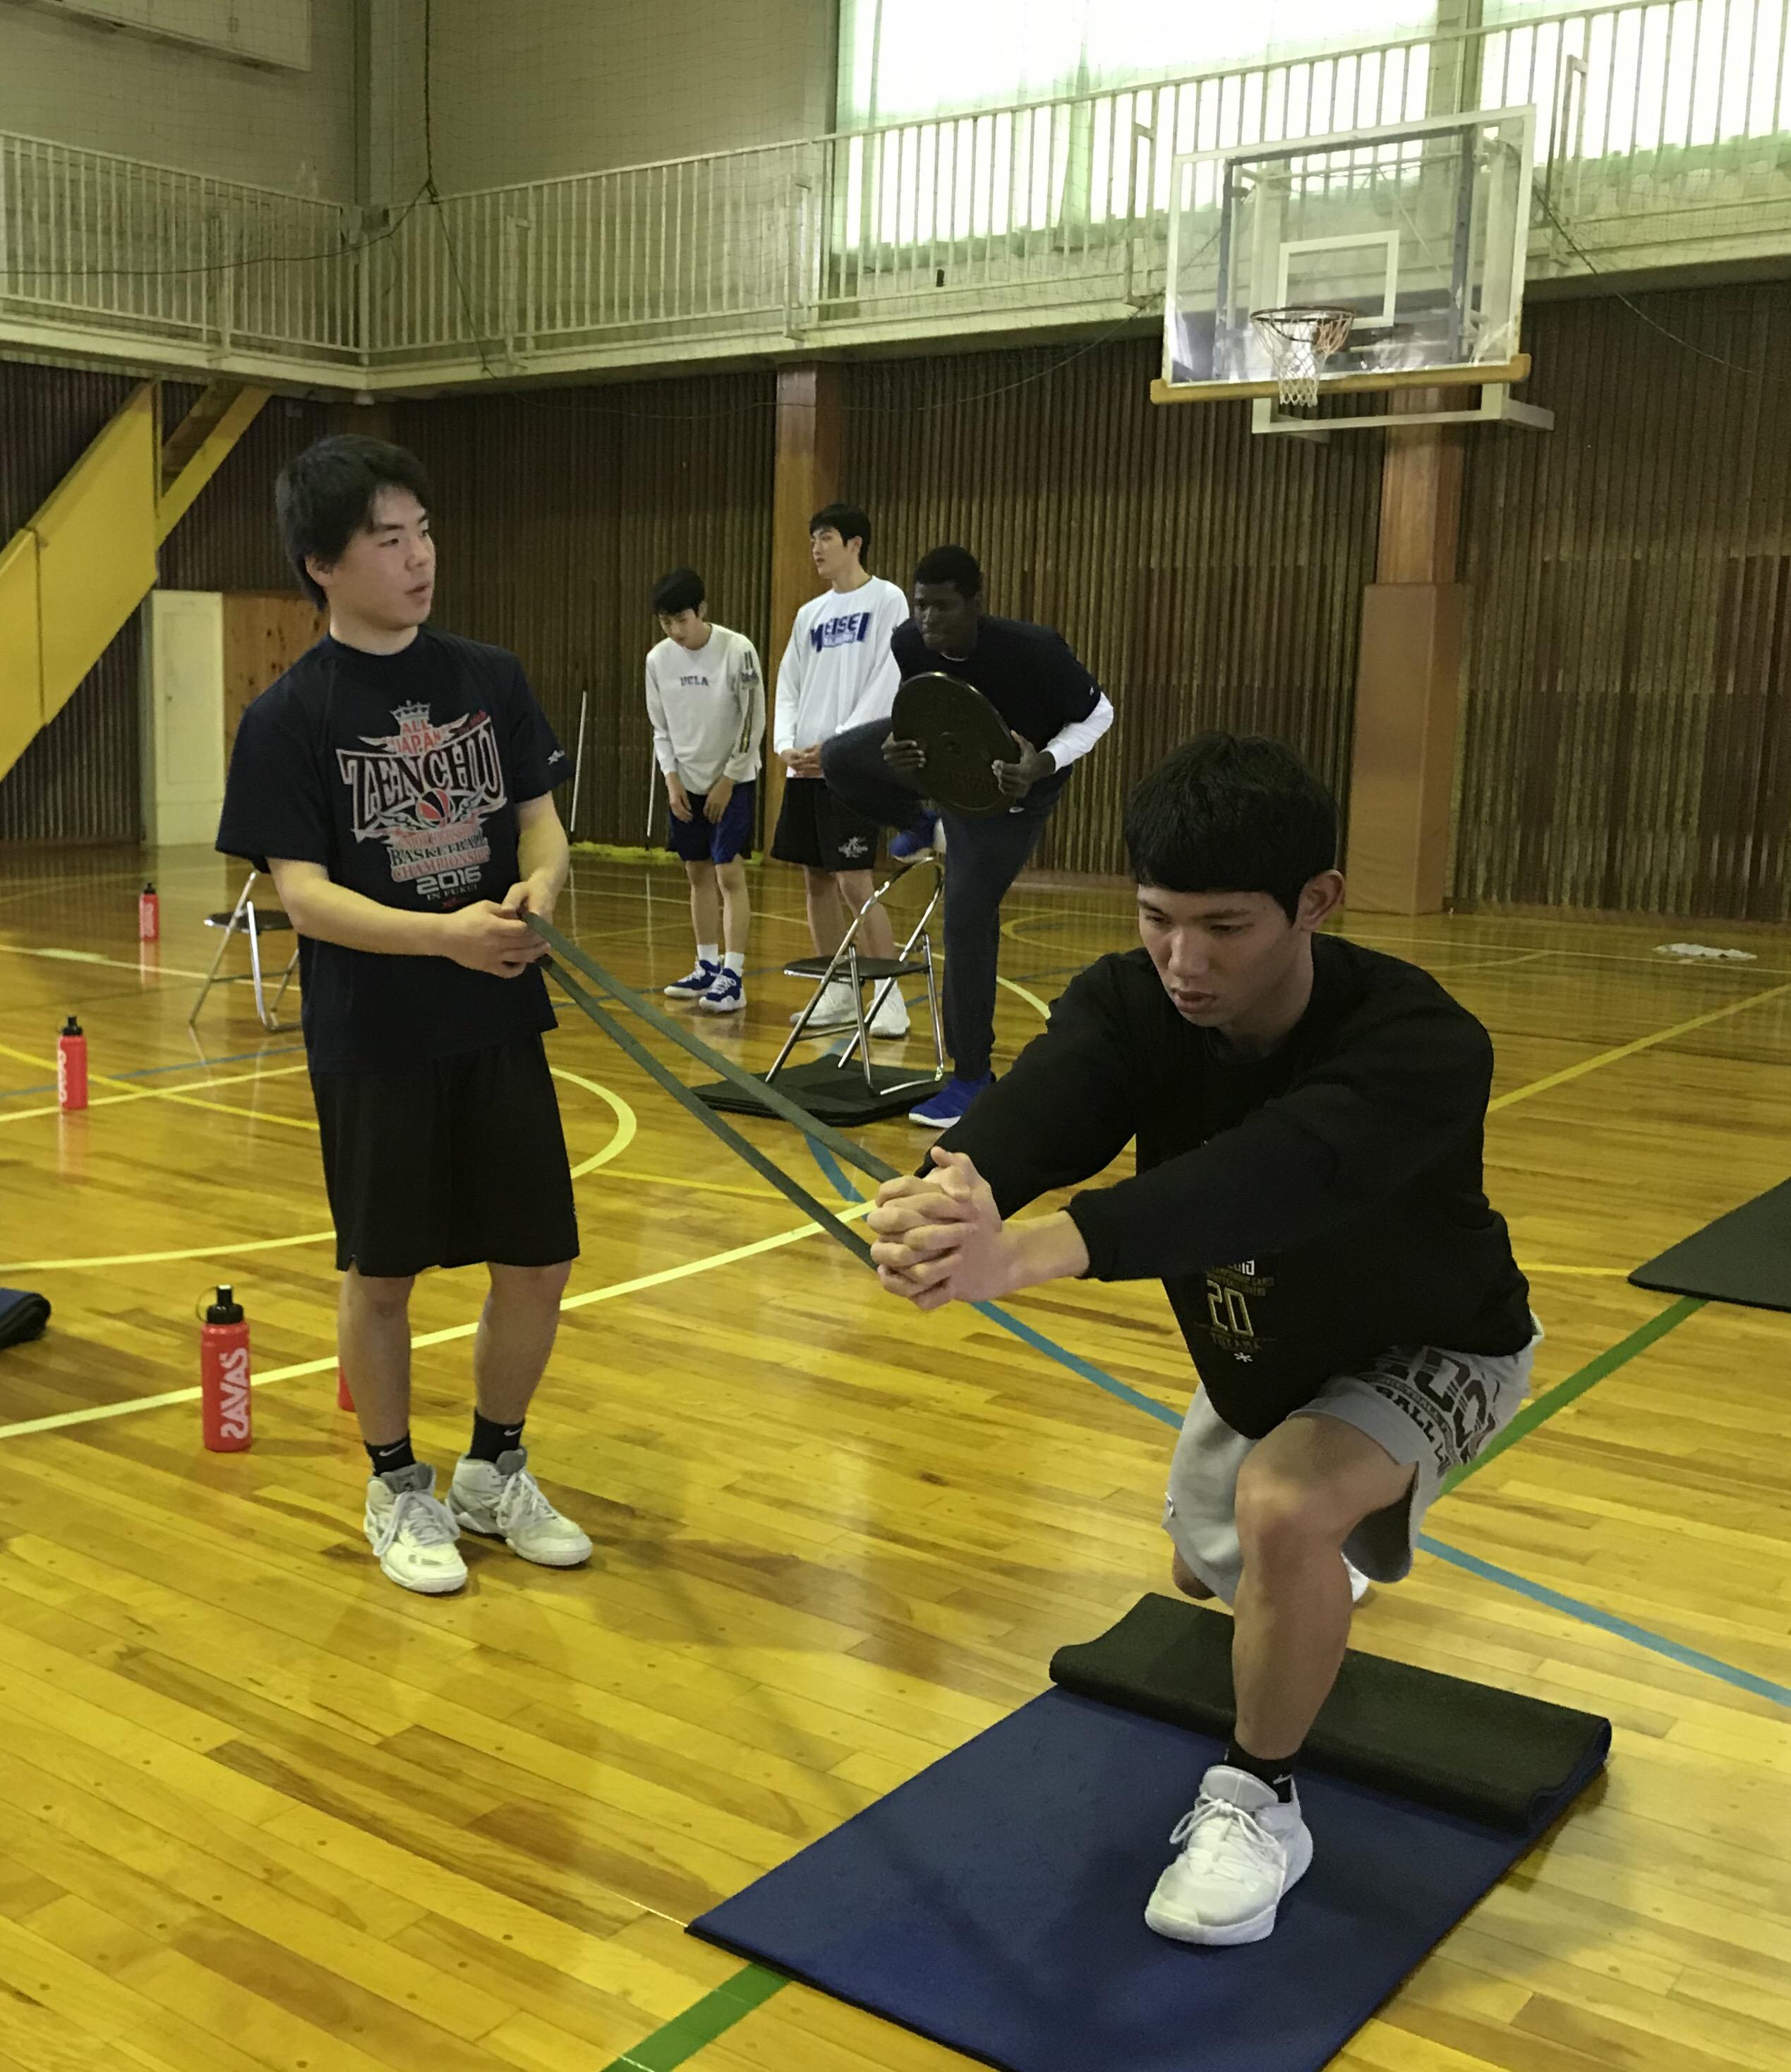 ウィンターカップ静岡県予選を制した藤枝明誠高校バスケットボール部のトレーニング風景